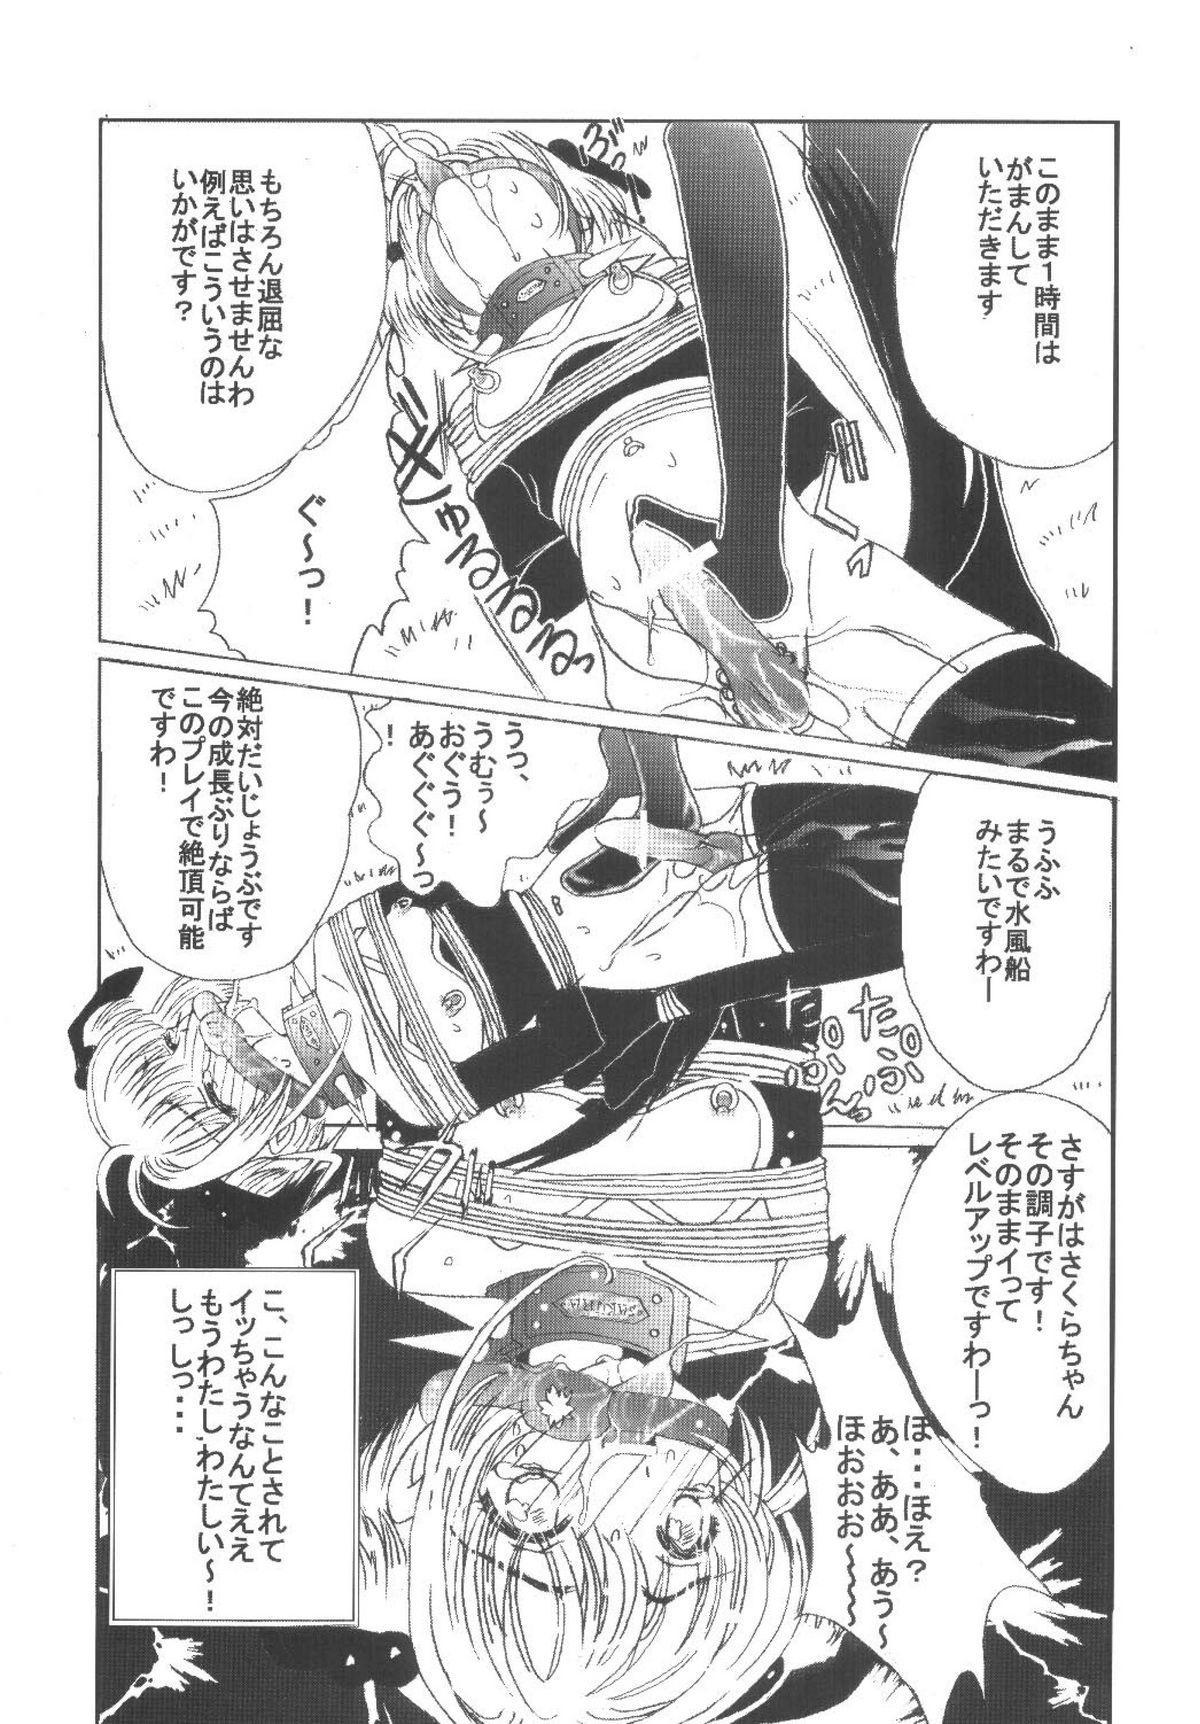 Kuuronziyou 6 Sakura-chan de Asobou 3 38